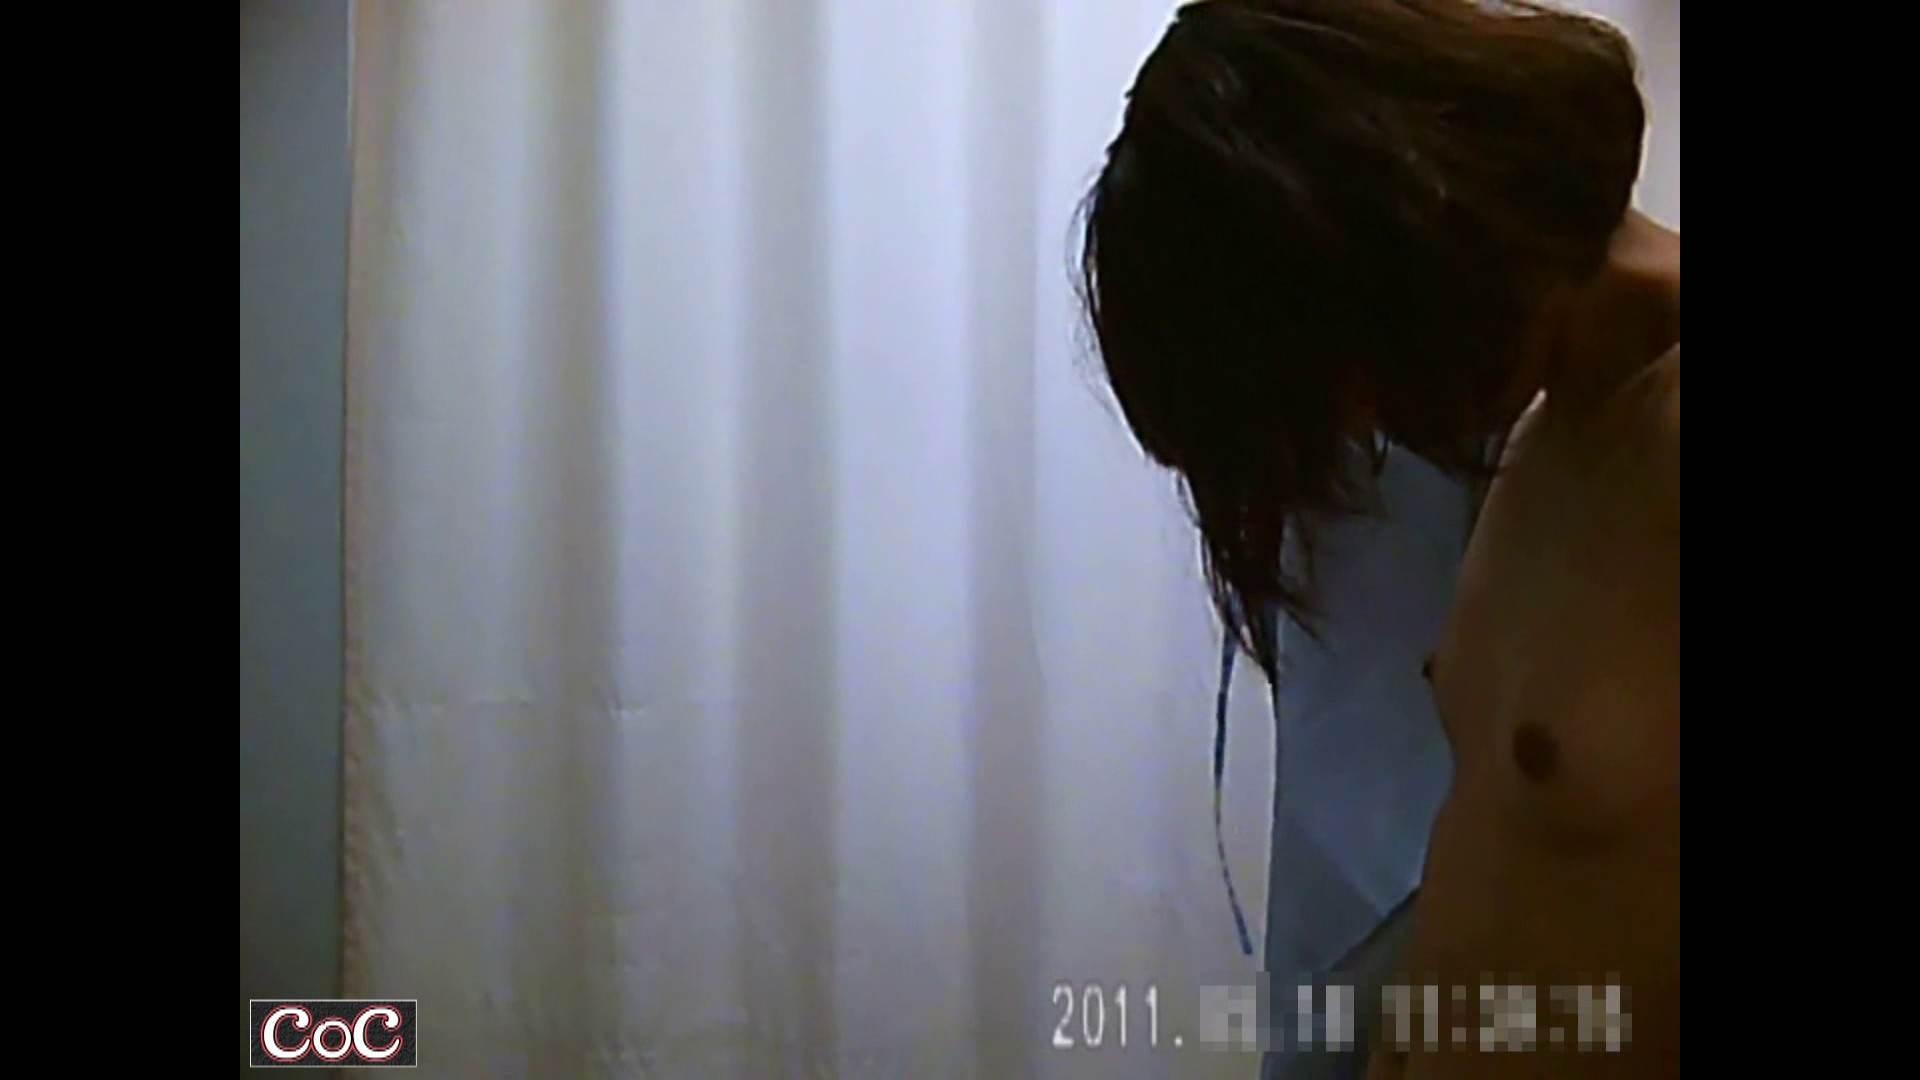 病院おもいっきり着替え! vol.135 巨乳 AV動画キャプチャ 80PIX 11